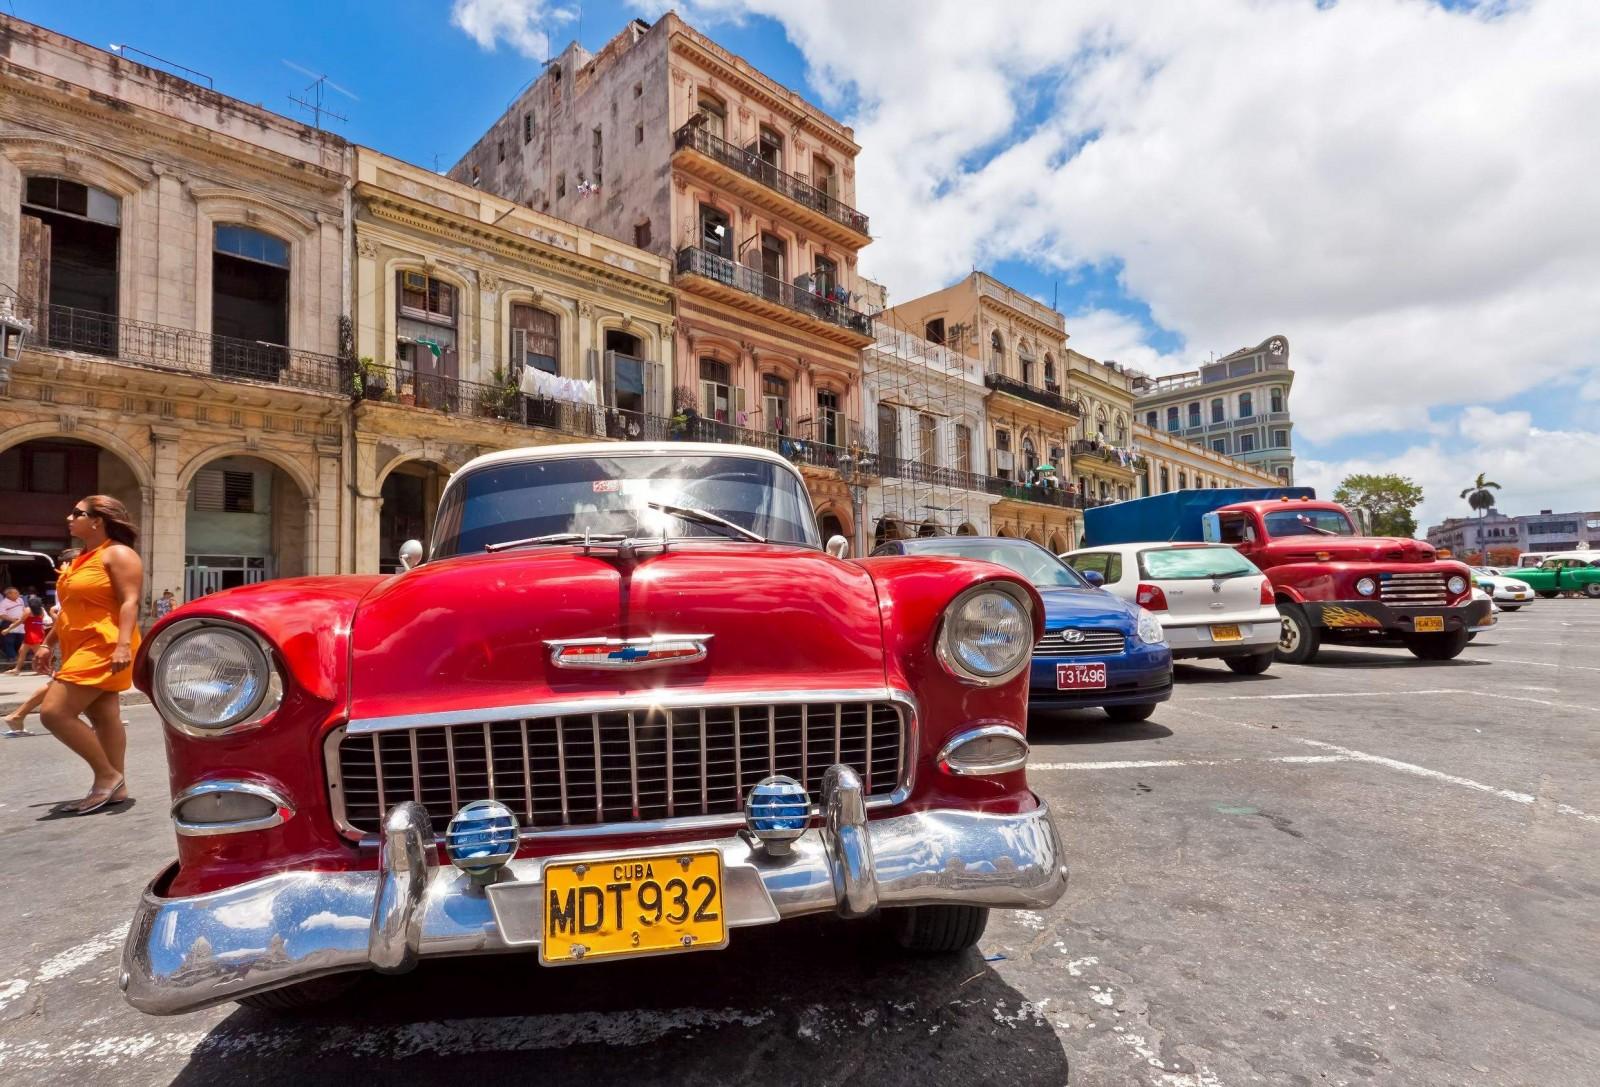 Горящий тур на Кубу на 11 дней с вылетом из Москвы за 33900 рублей